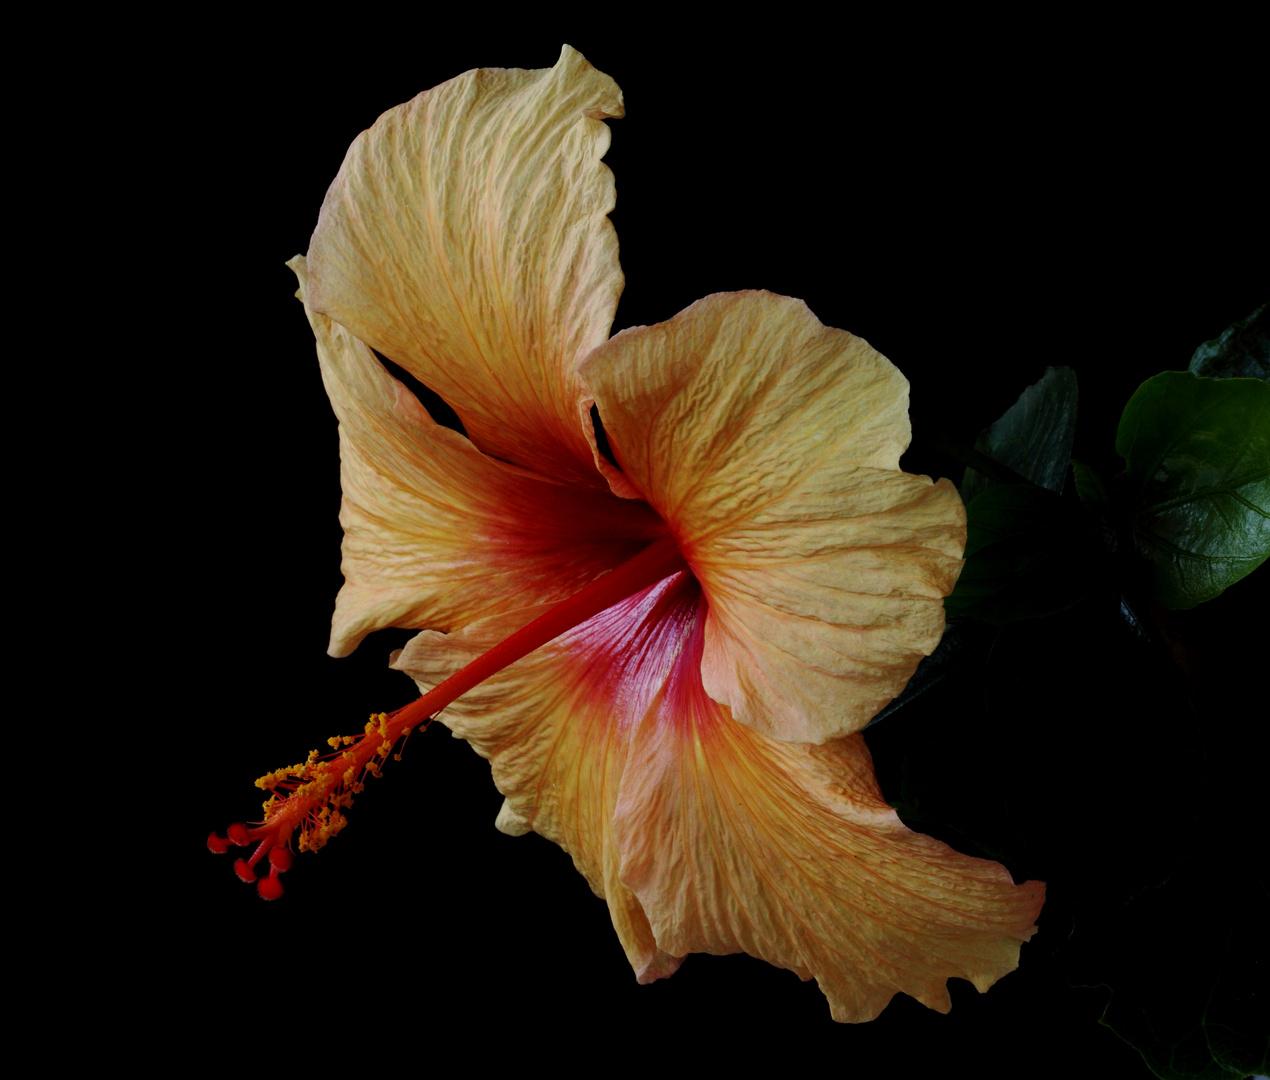 Golden Hibiscus flower